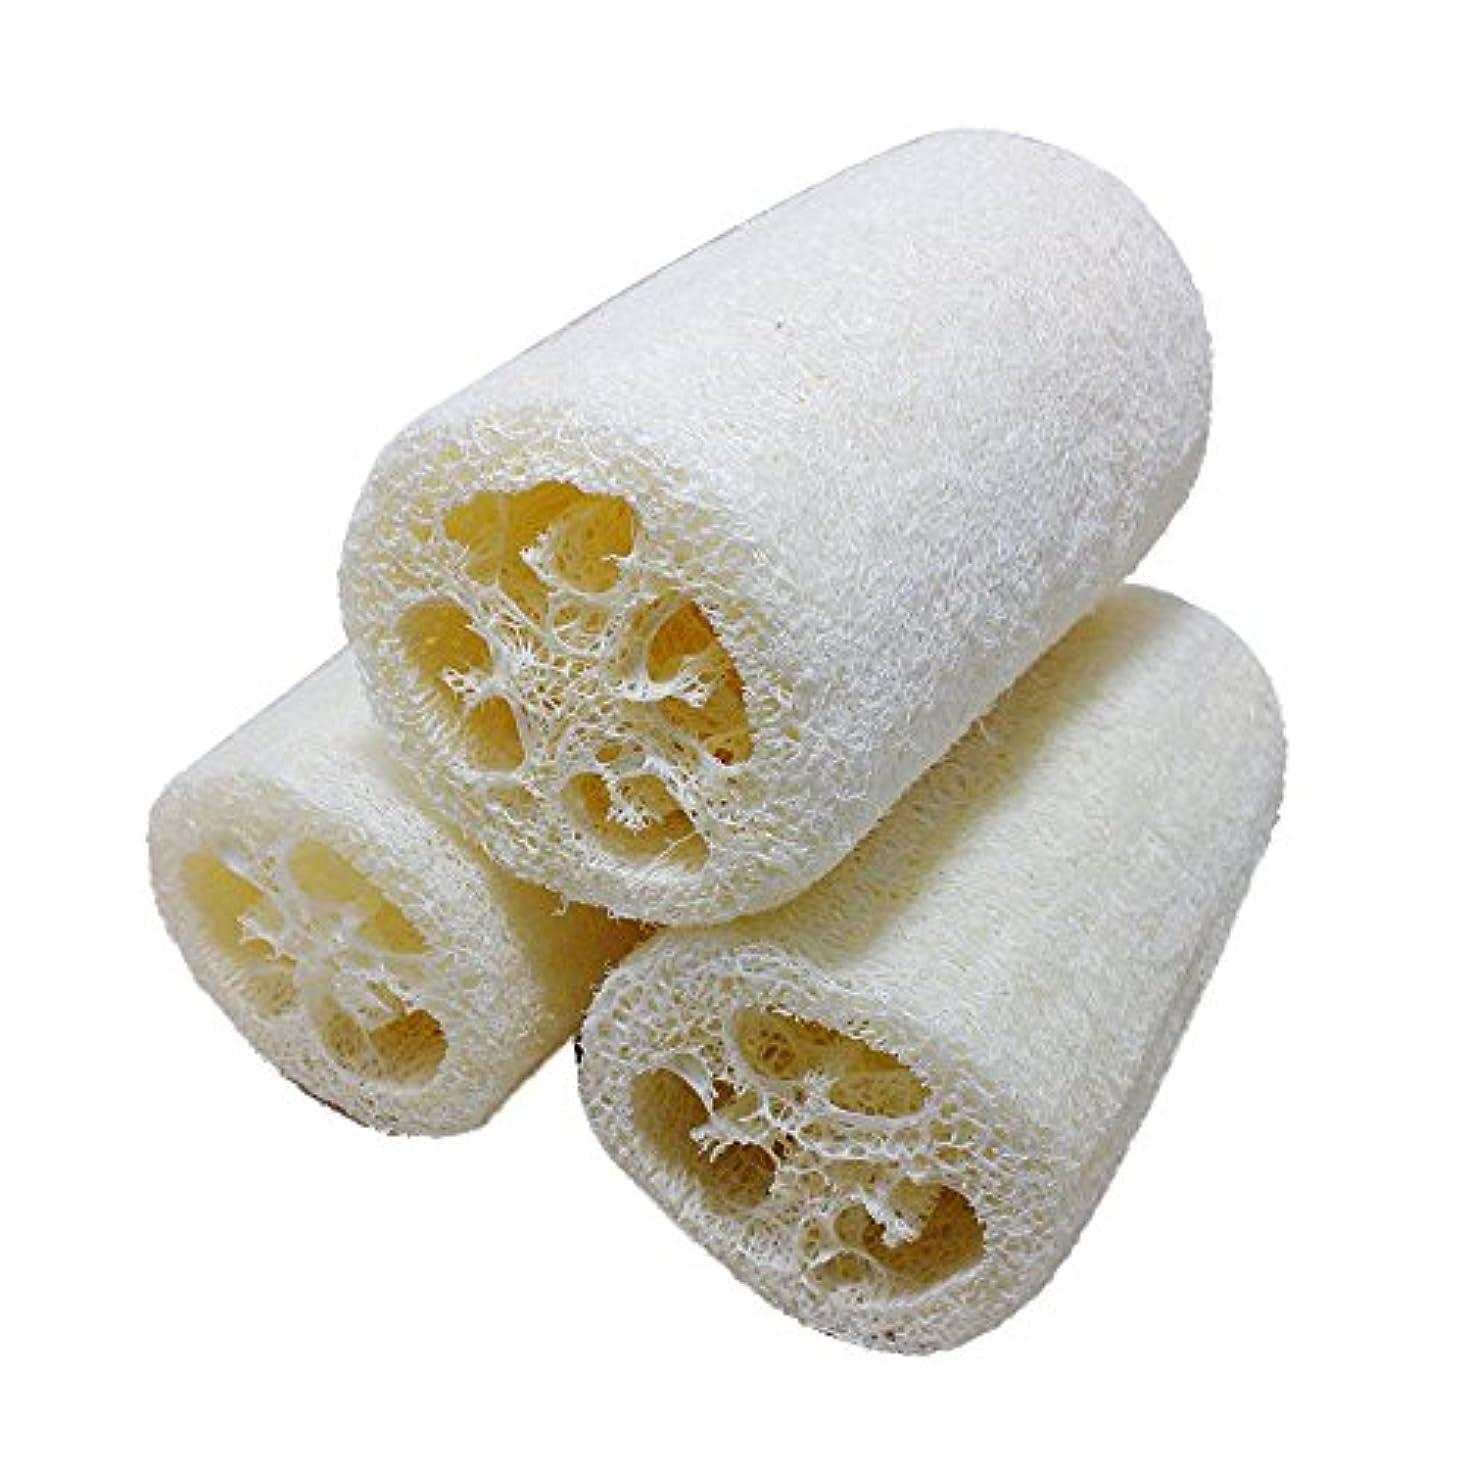 法律により土器最後の天然ヘチマ ボディスポンジ シャワースポンジ ボディブラシ シャワーブラシ 入浴 風呂スポンジ 角質海綿 全身美容 新陳代謝を促進 角質除去 マッサージ SPA ルーファ ボディウォッシュボール (3pc)